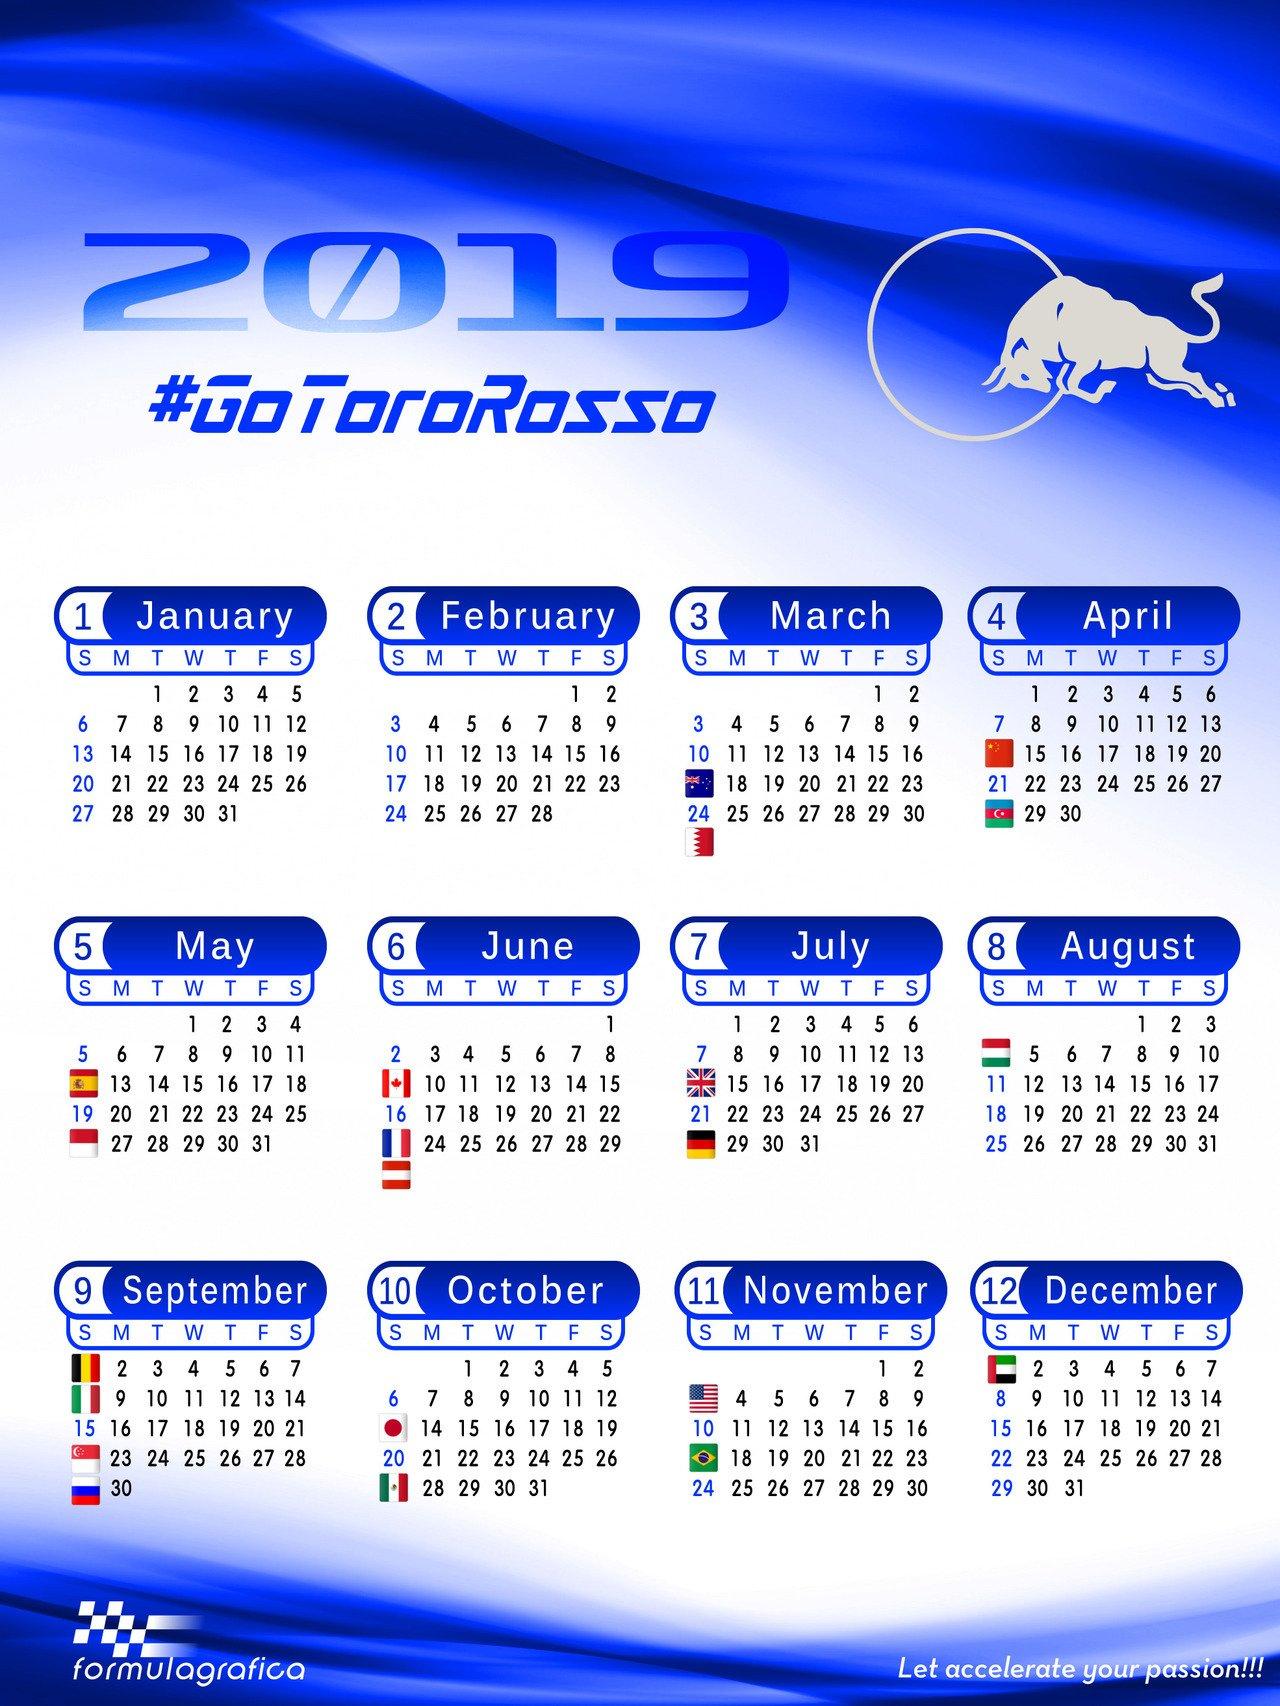 Formulagrafica — Calendar - 2019 Formula 1 Season - Scuderia Toro Formula 1 Calendar 2019 Tickets